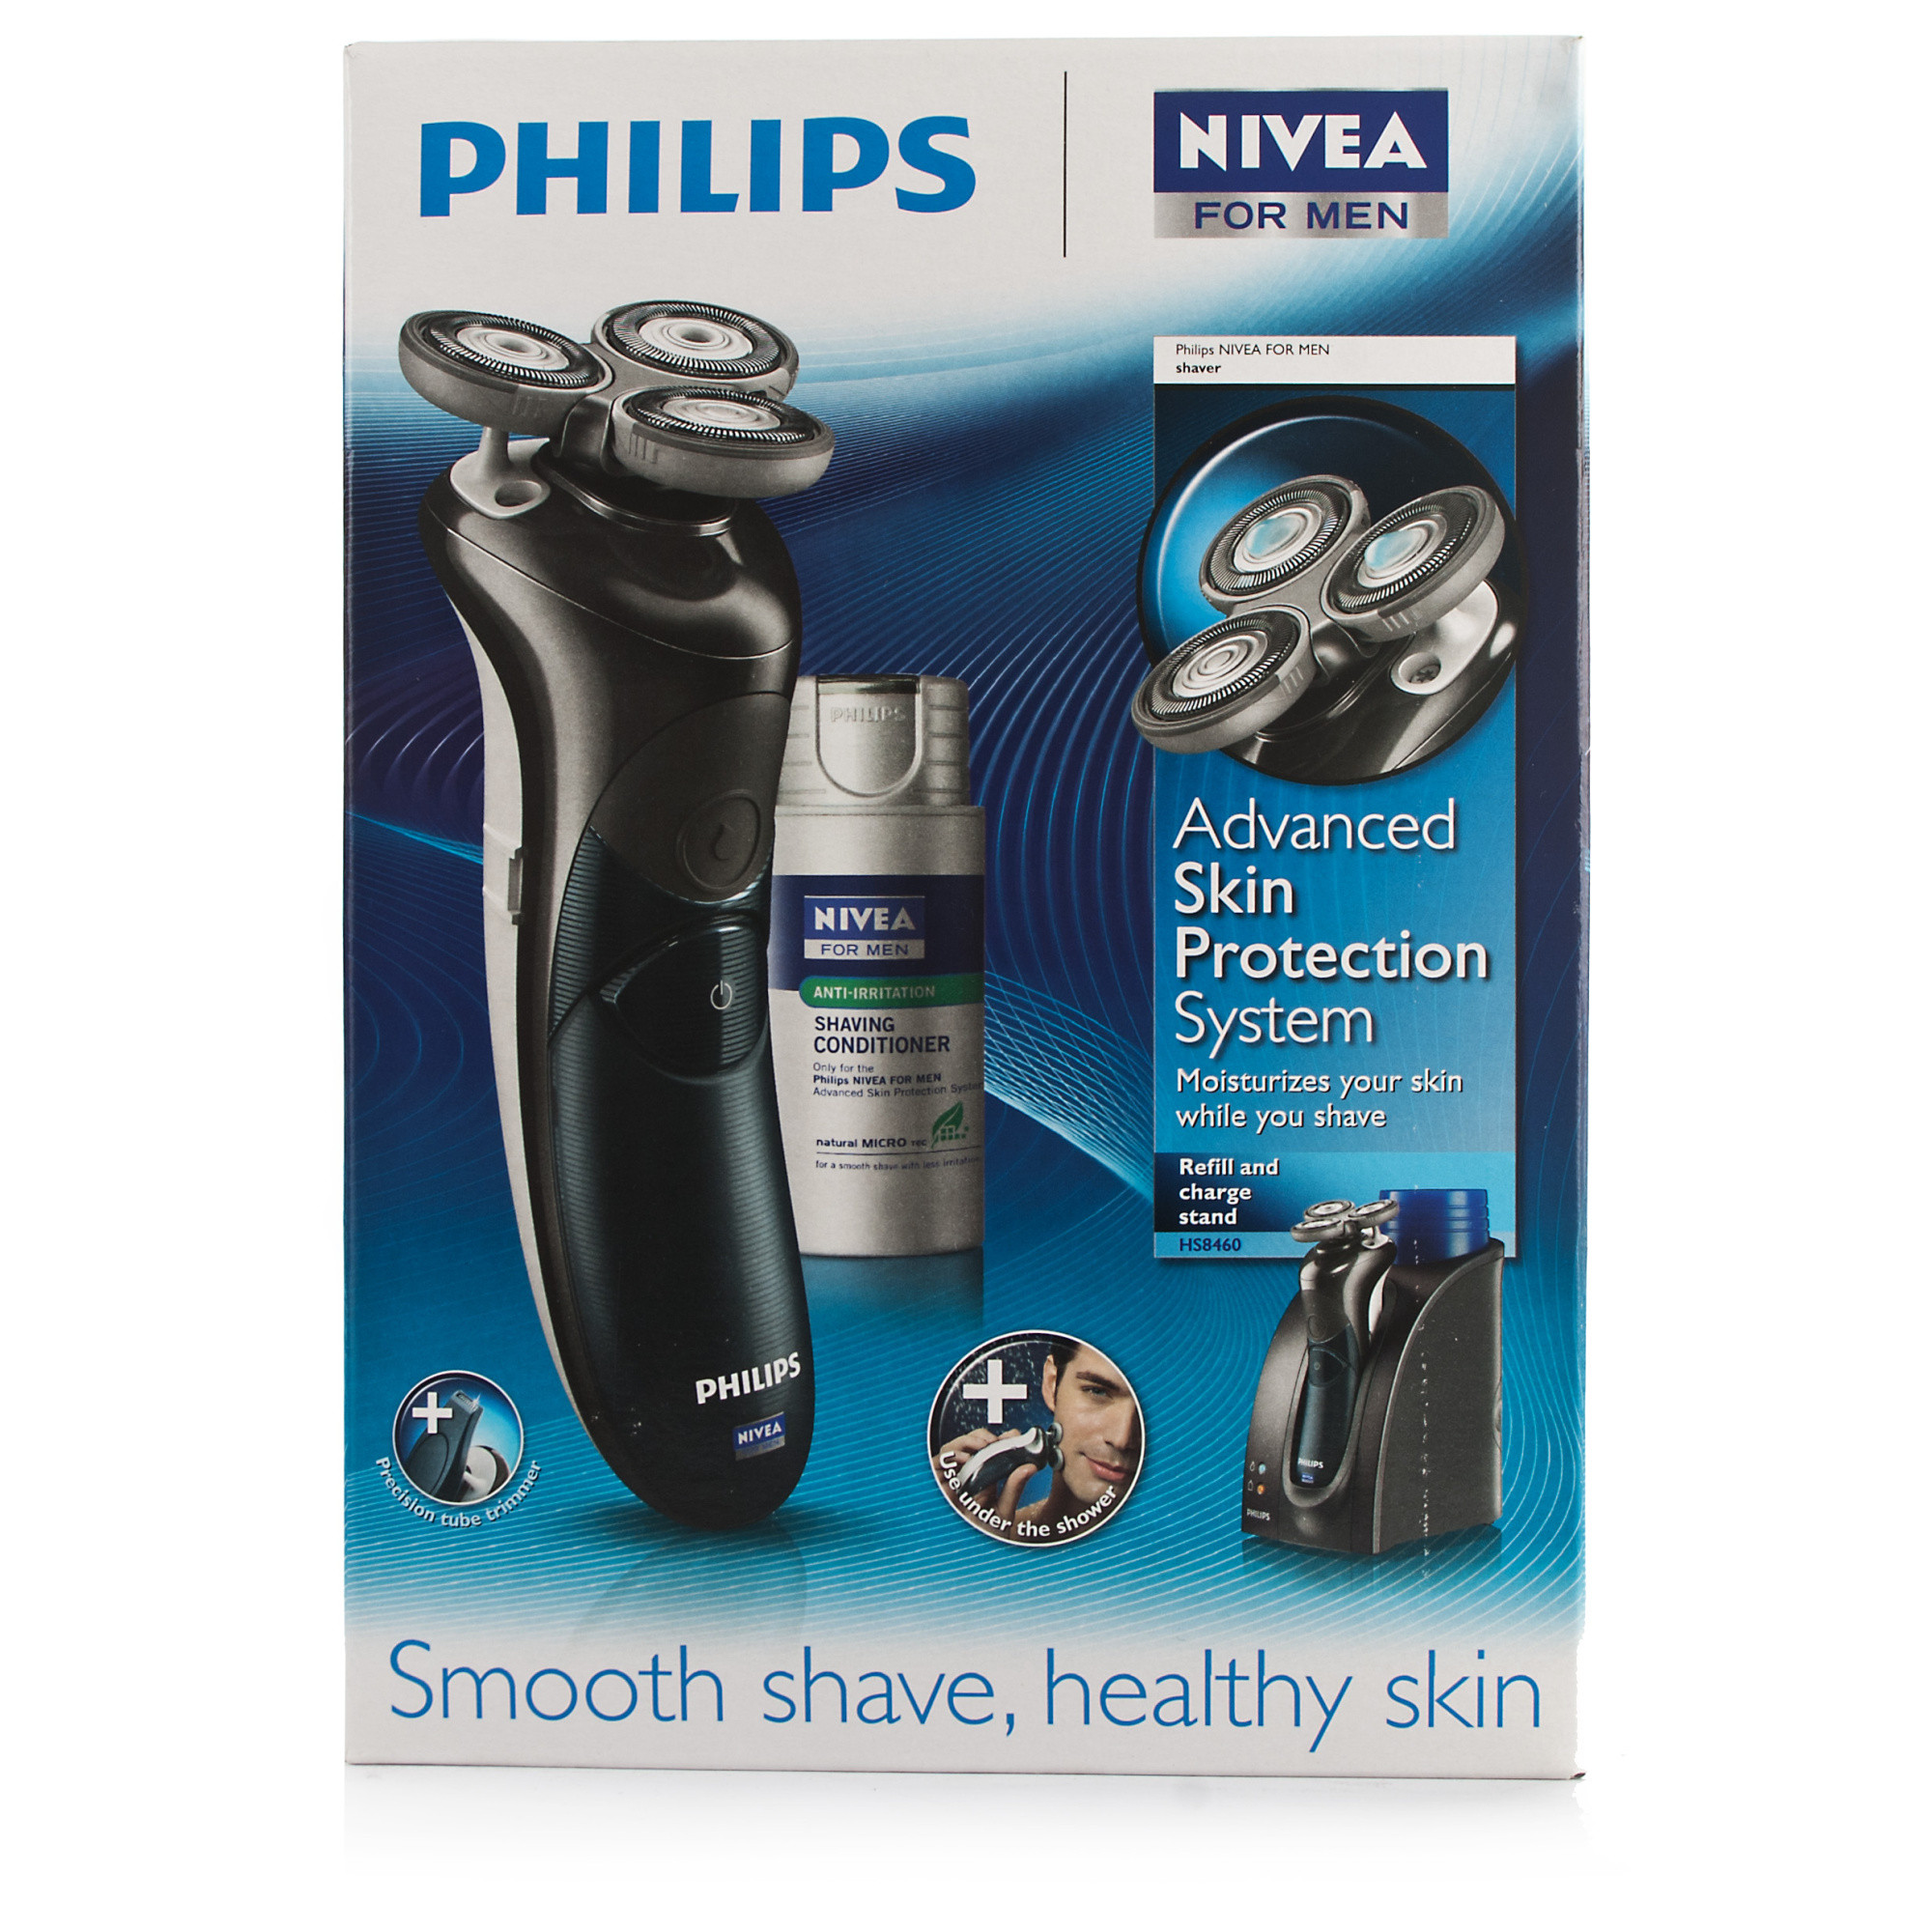 philips cool skin shaver with nivea station chemist direct. Black Bedroom Furniture Sets. Home Design Ideas